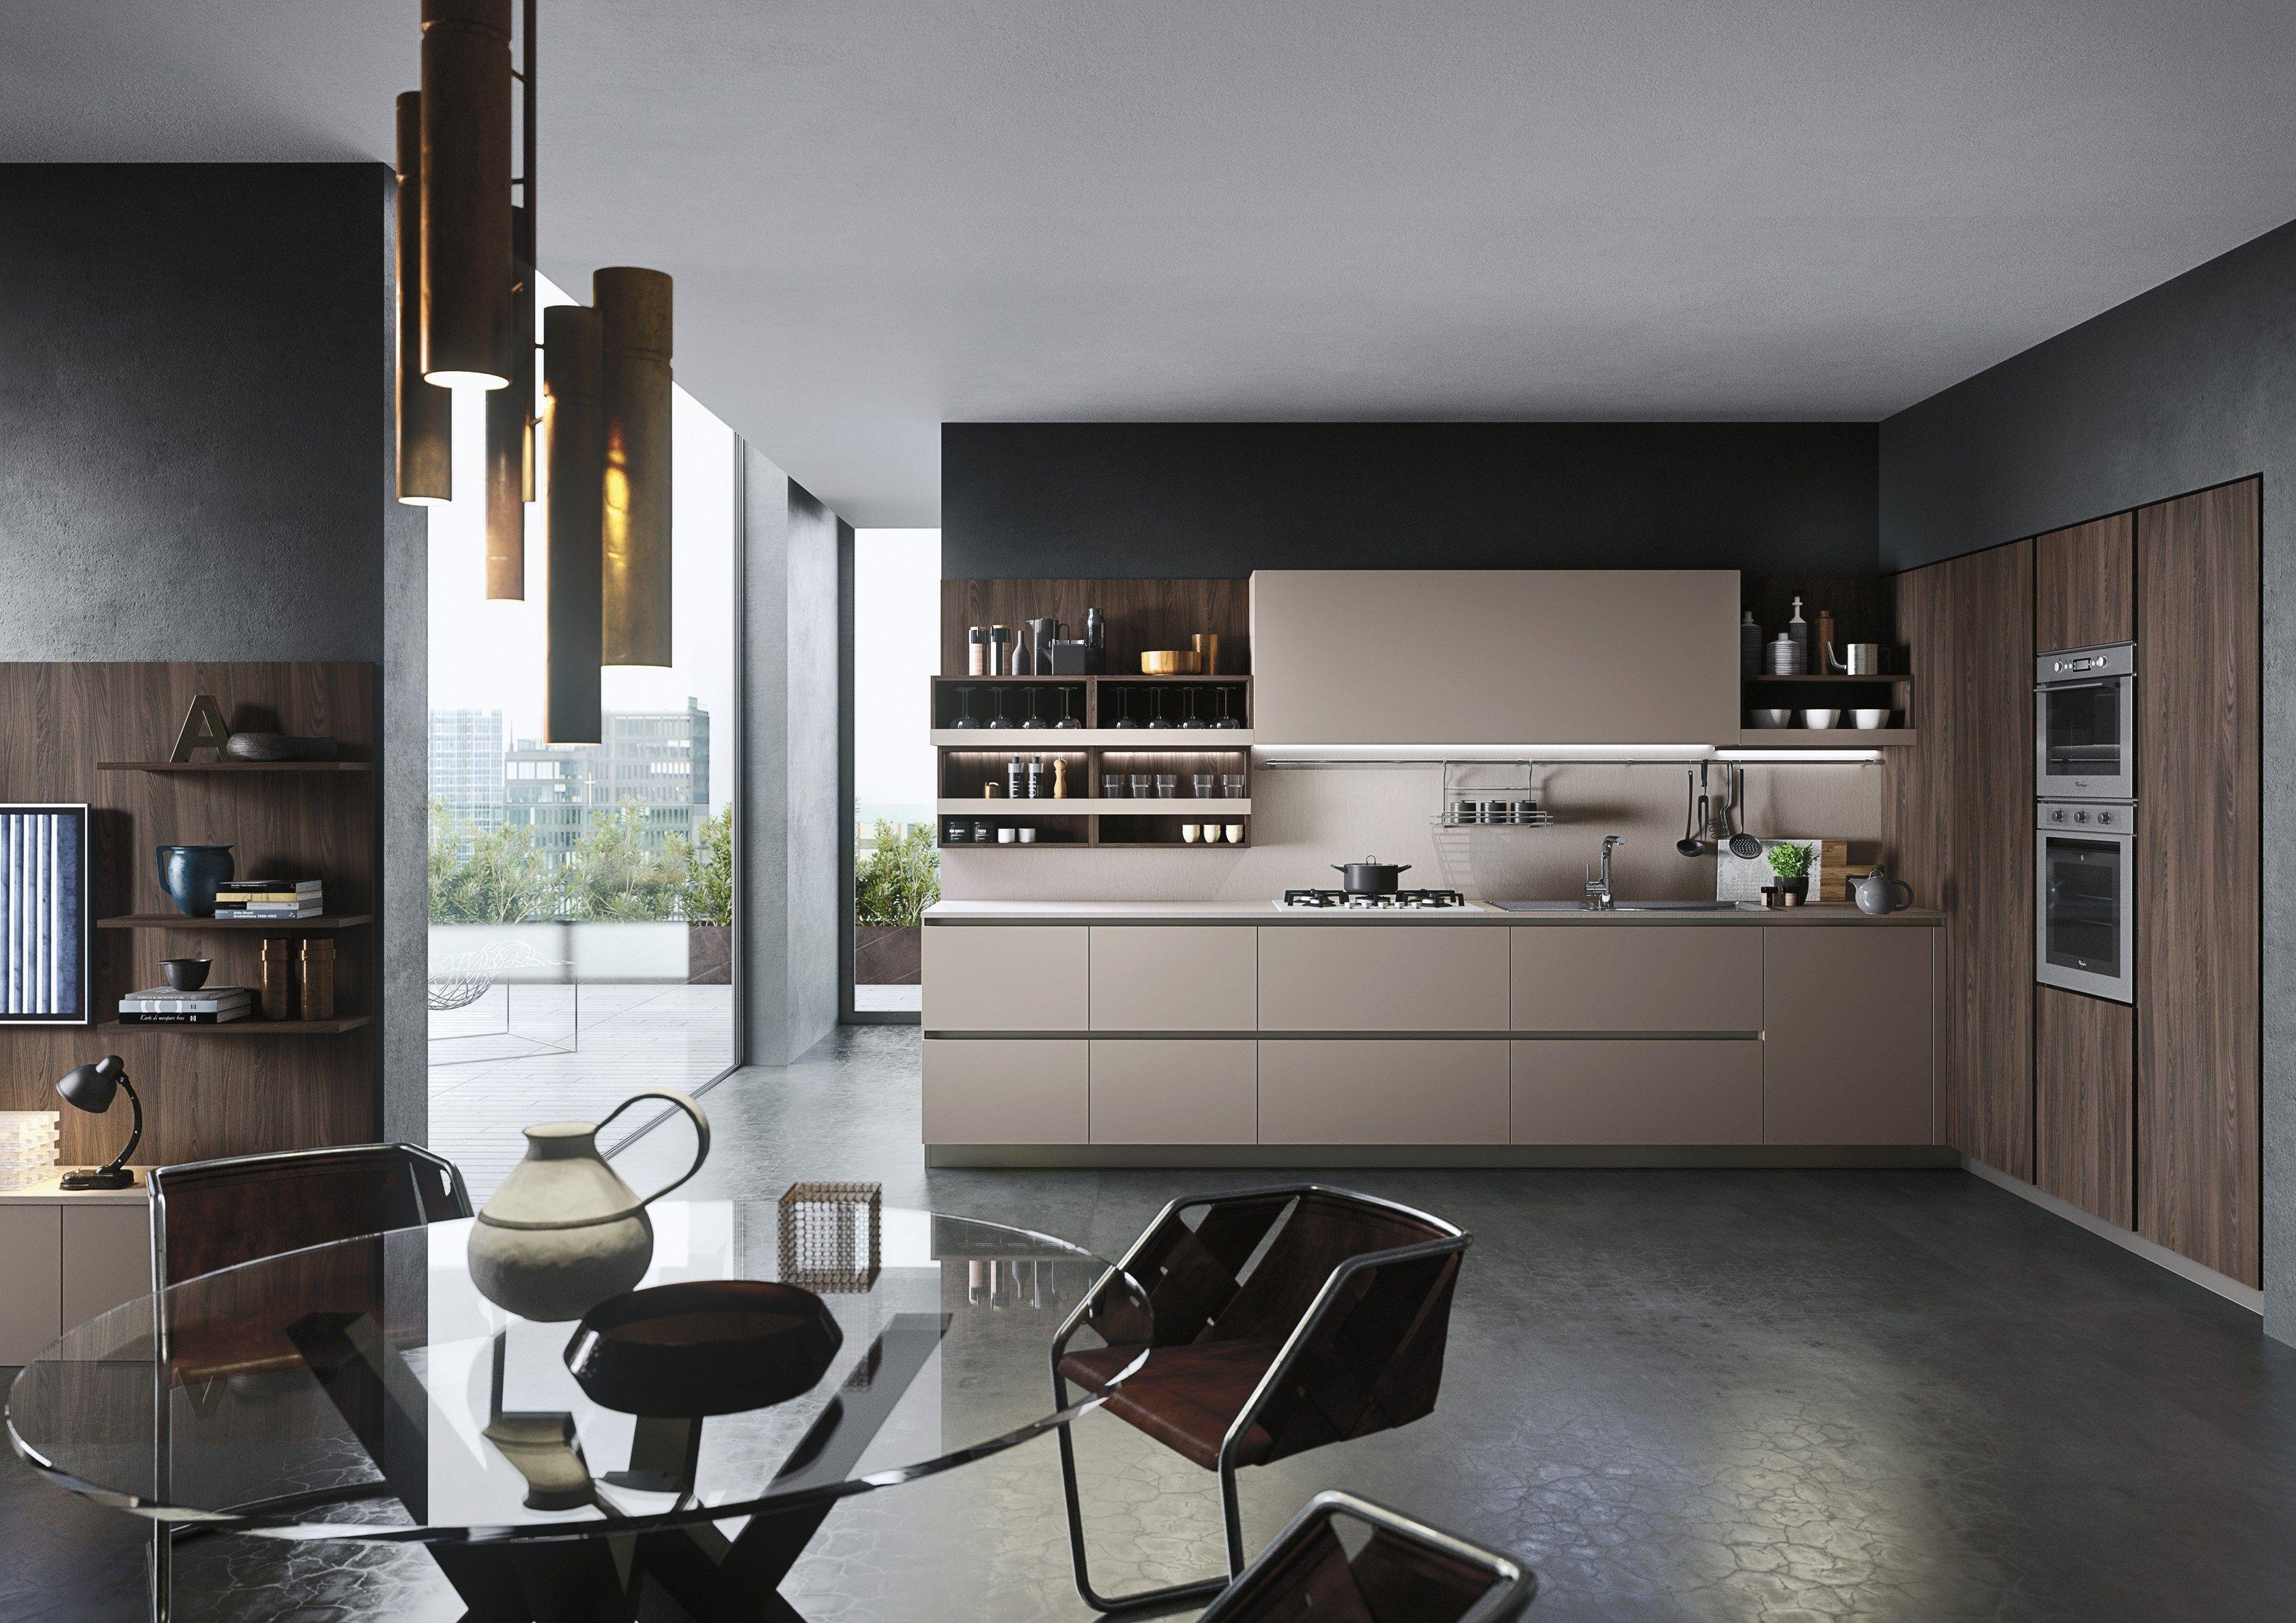 FIRST Cocina de estilo moderno by Snaidero diseño Snaidero ...